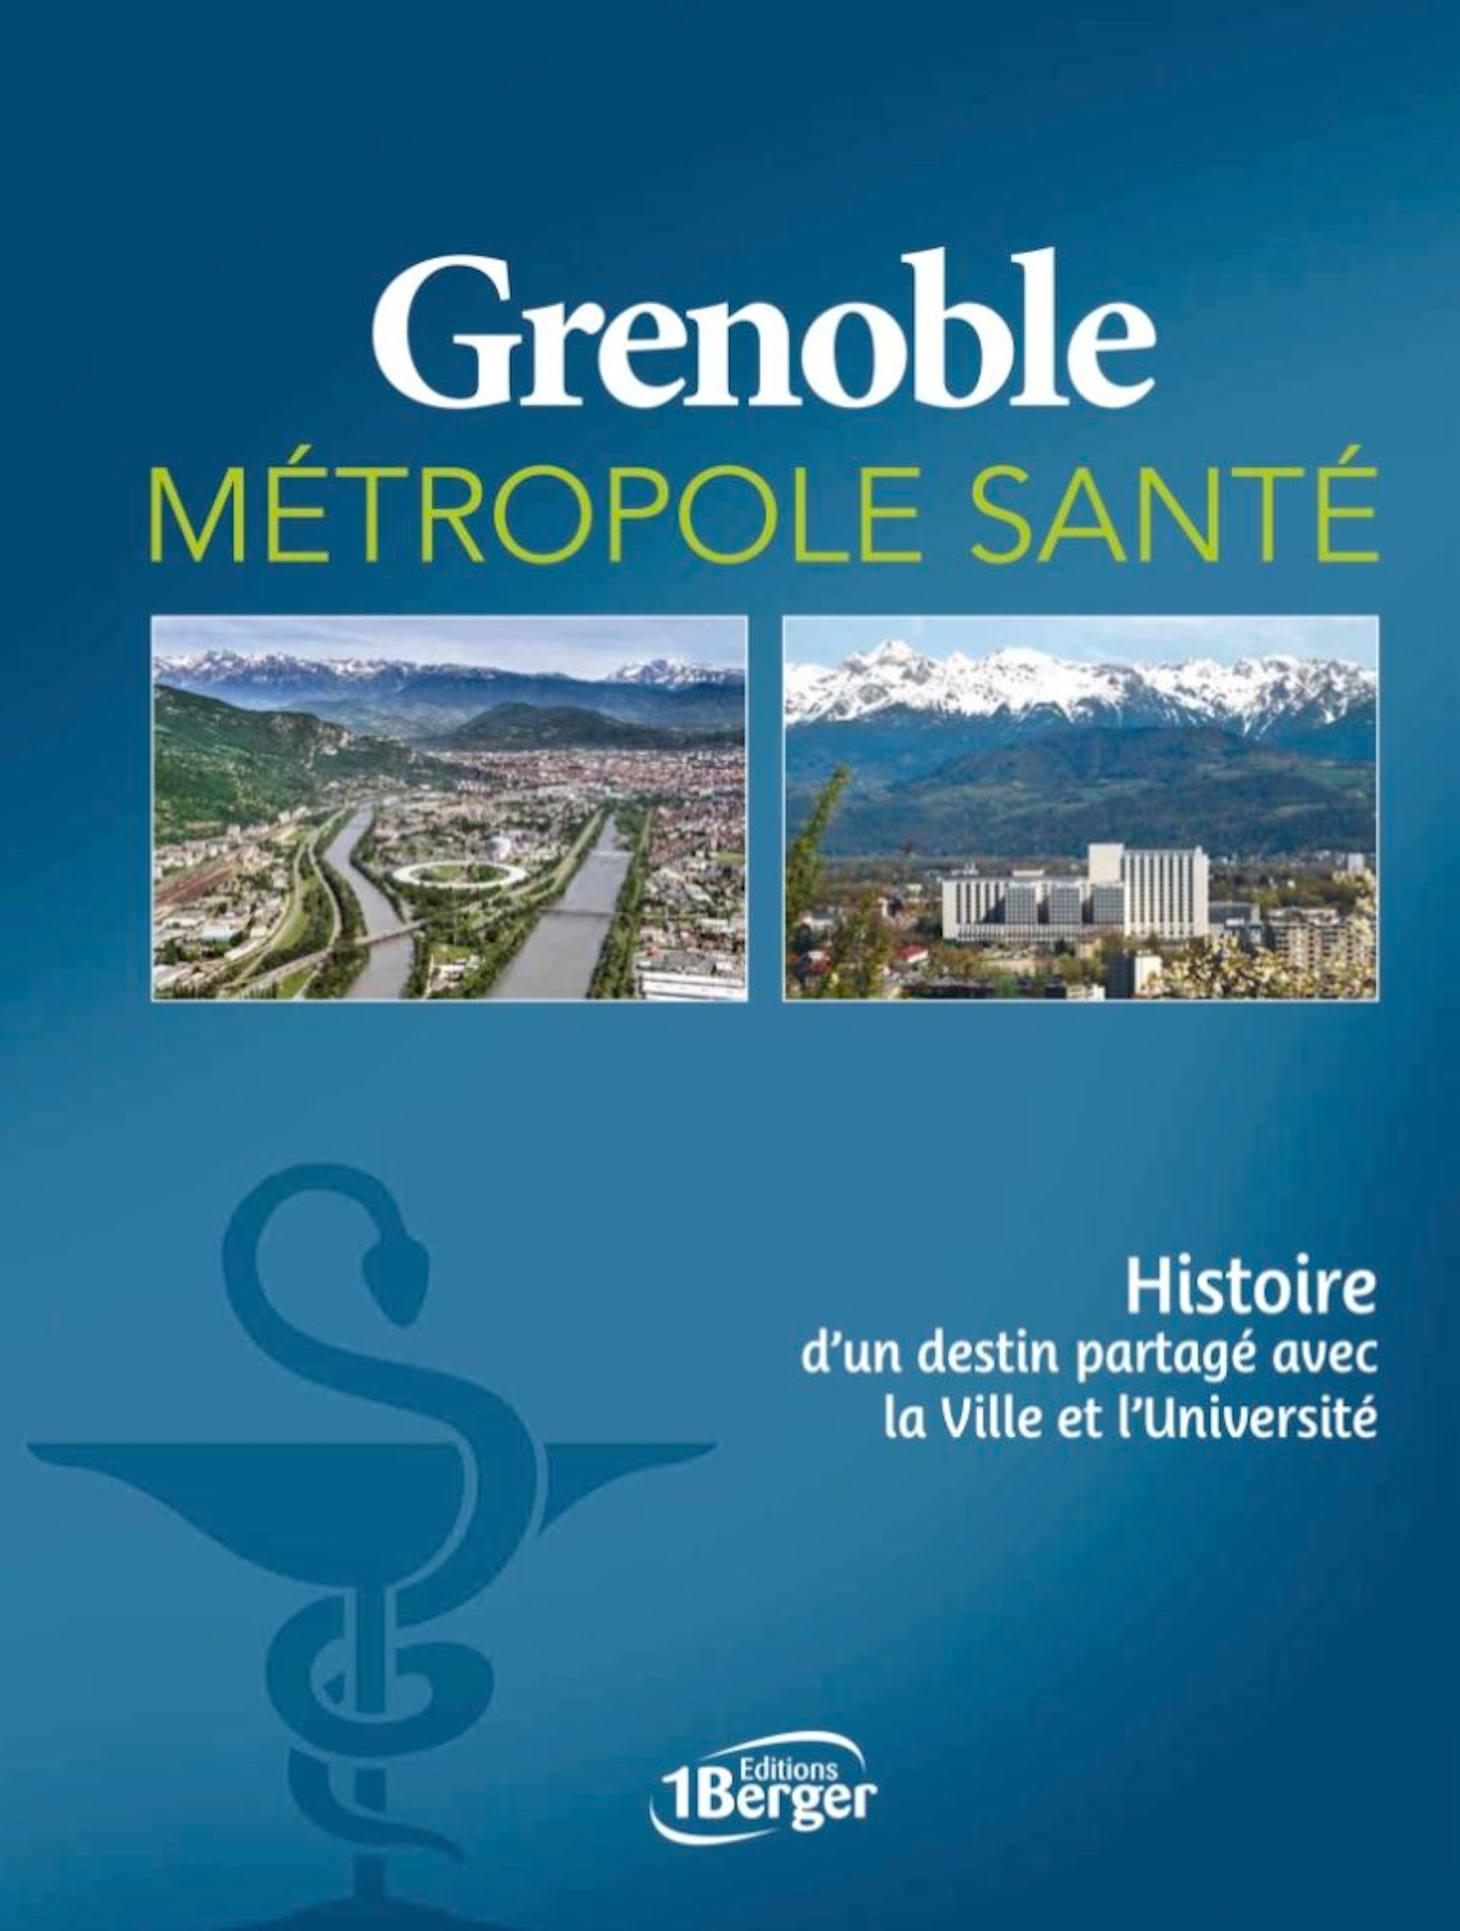 Couverture livre Grenoble Métropole Santé